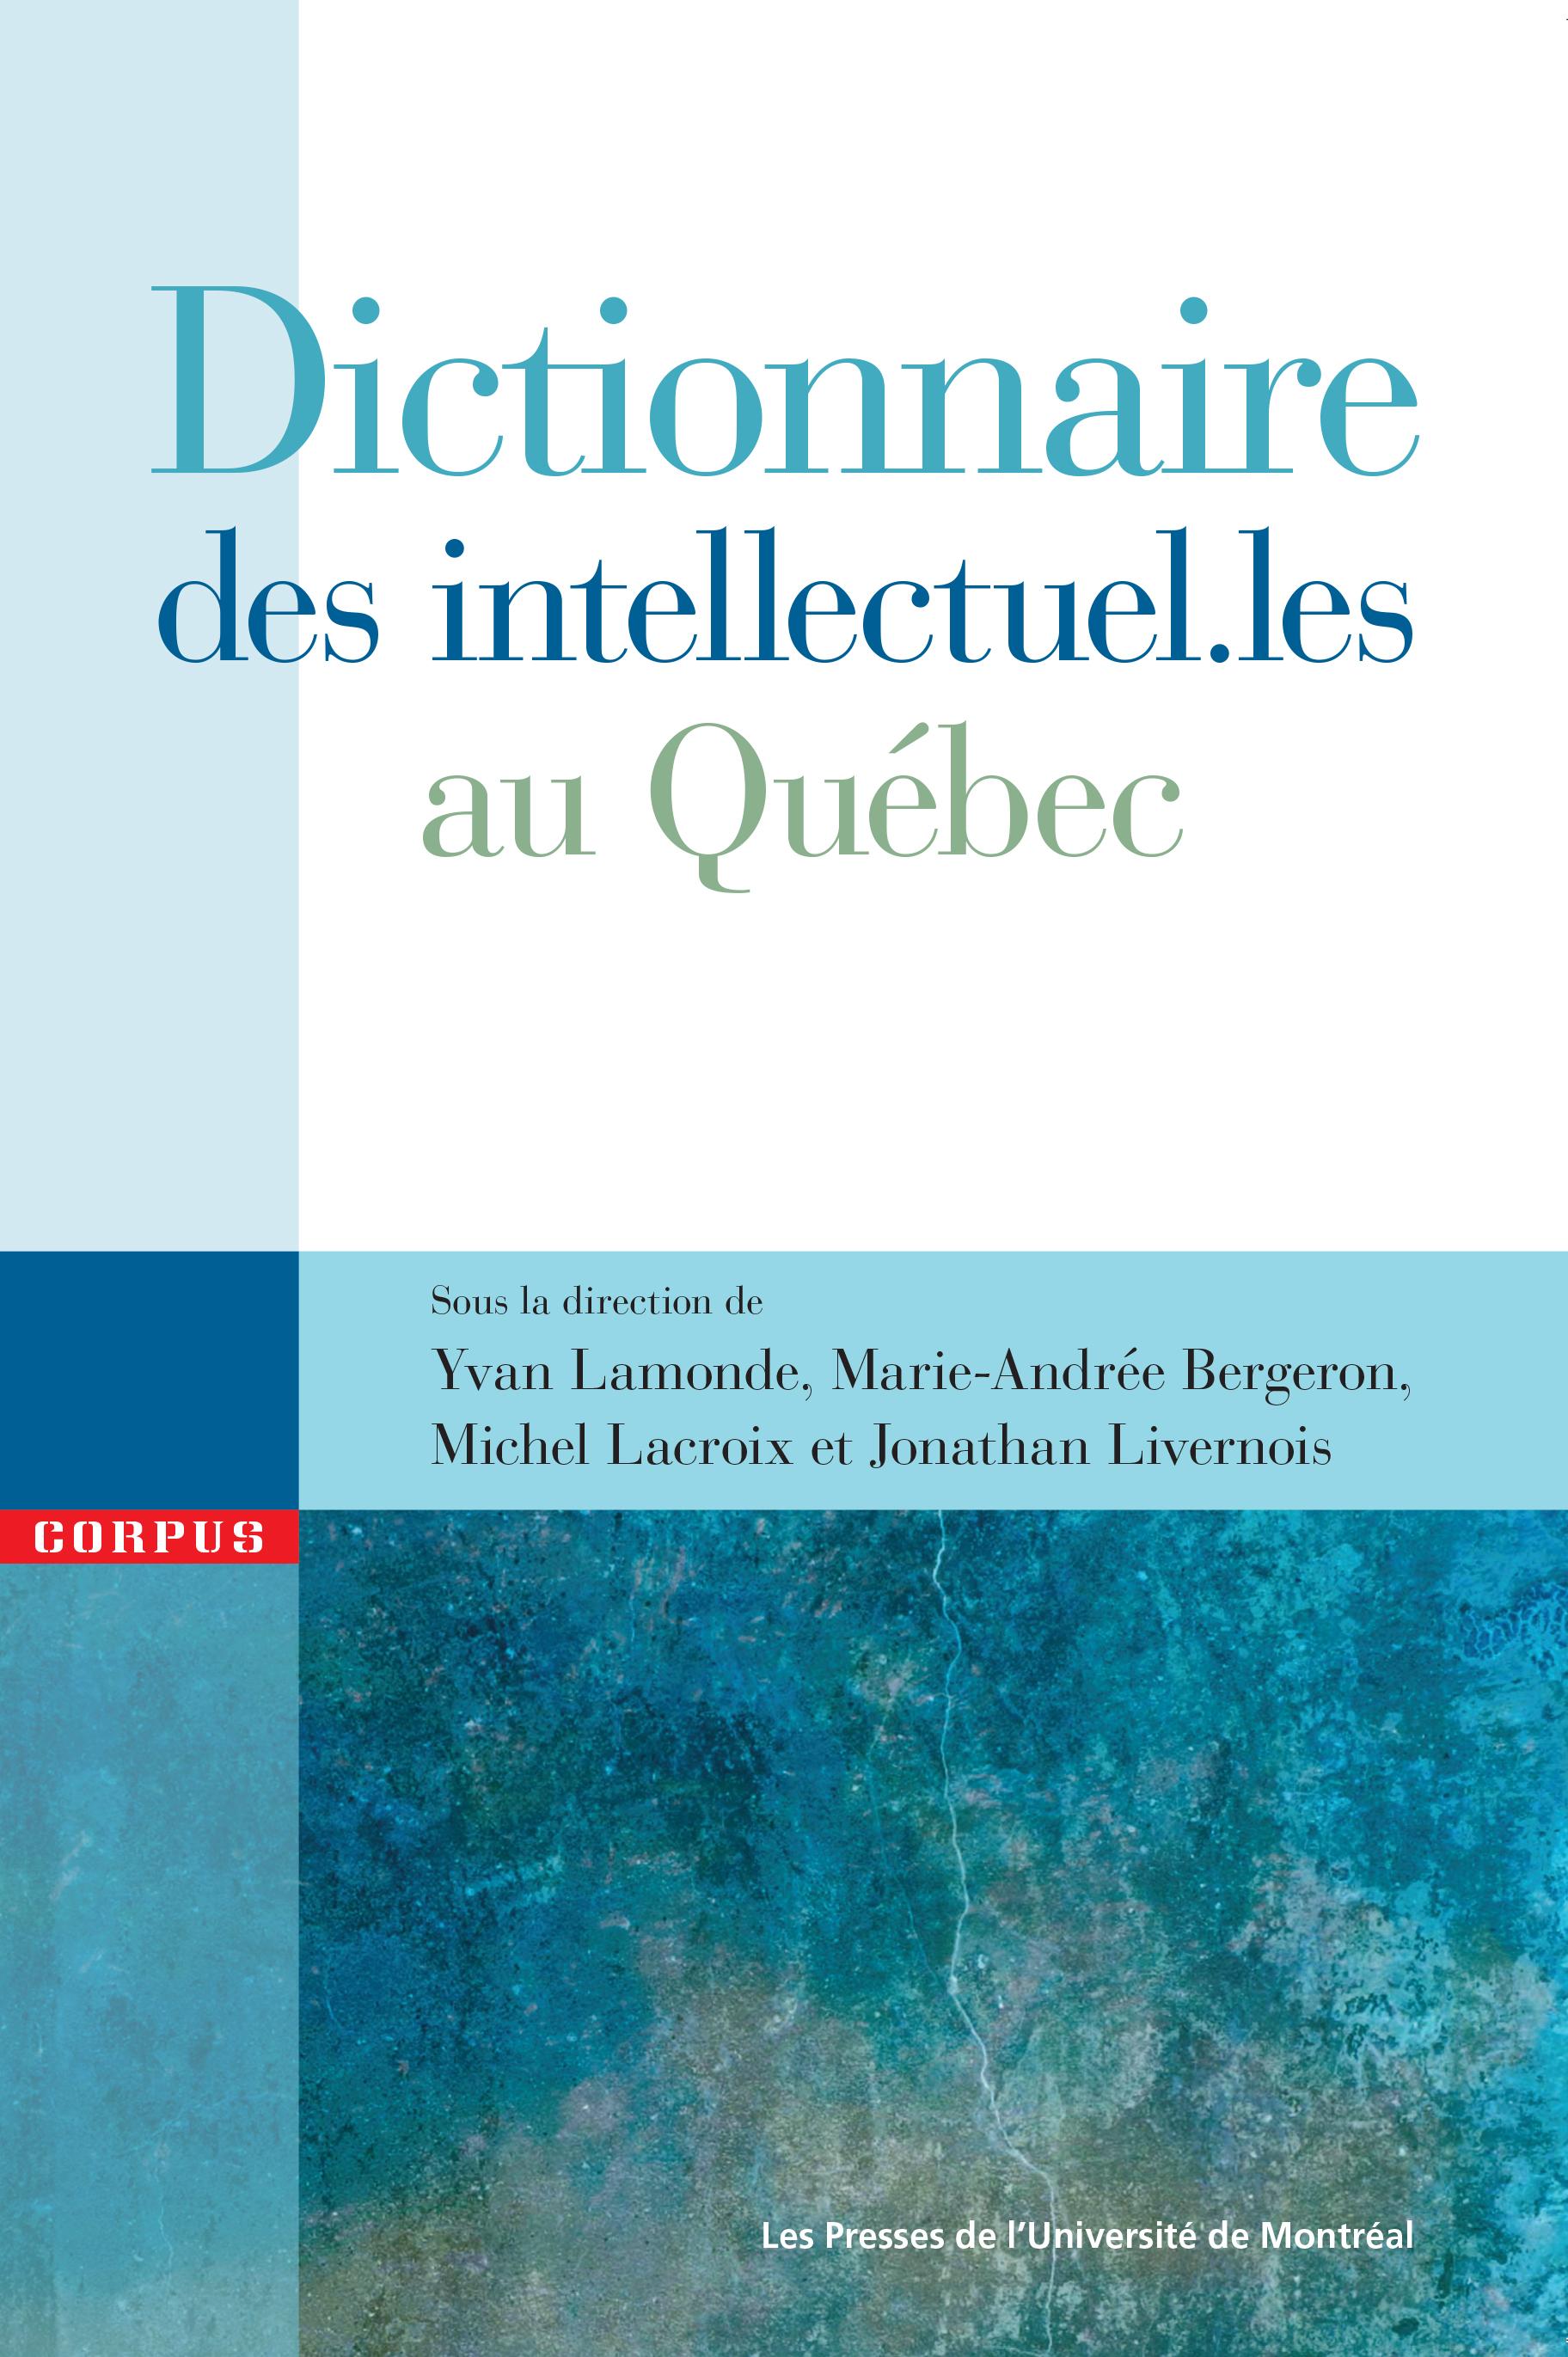 Dictionnaire des intellectu...